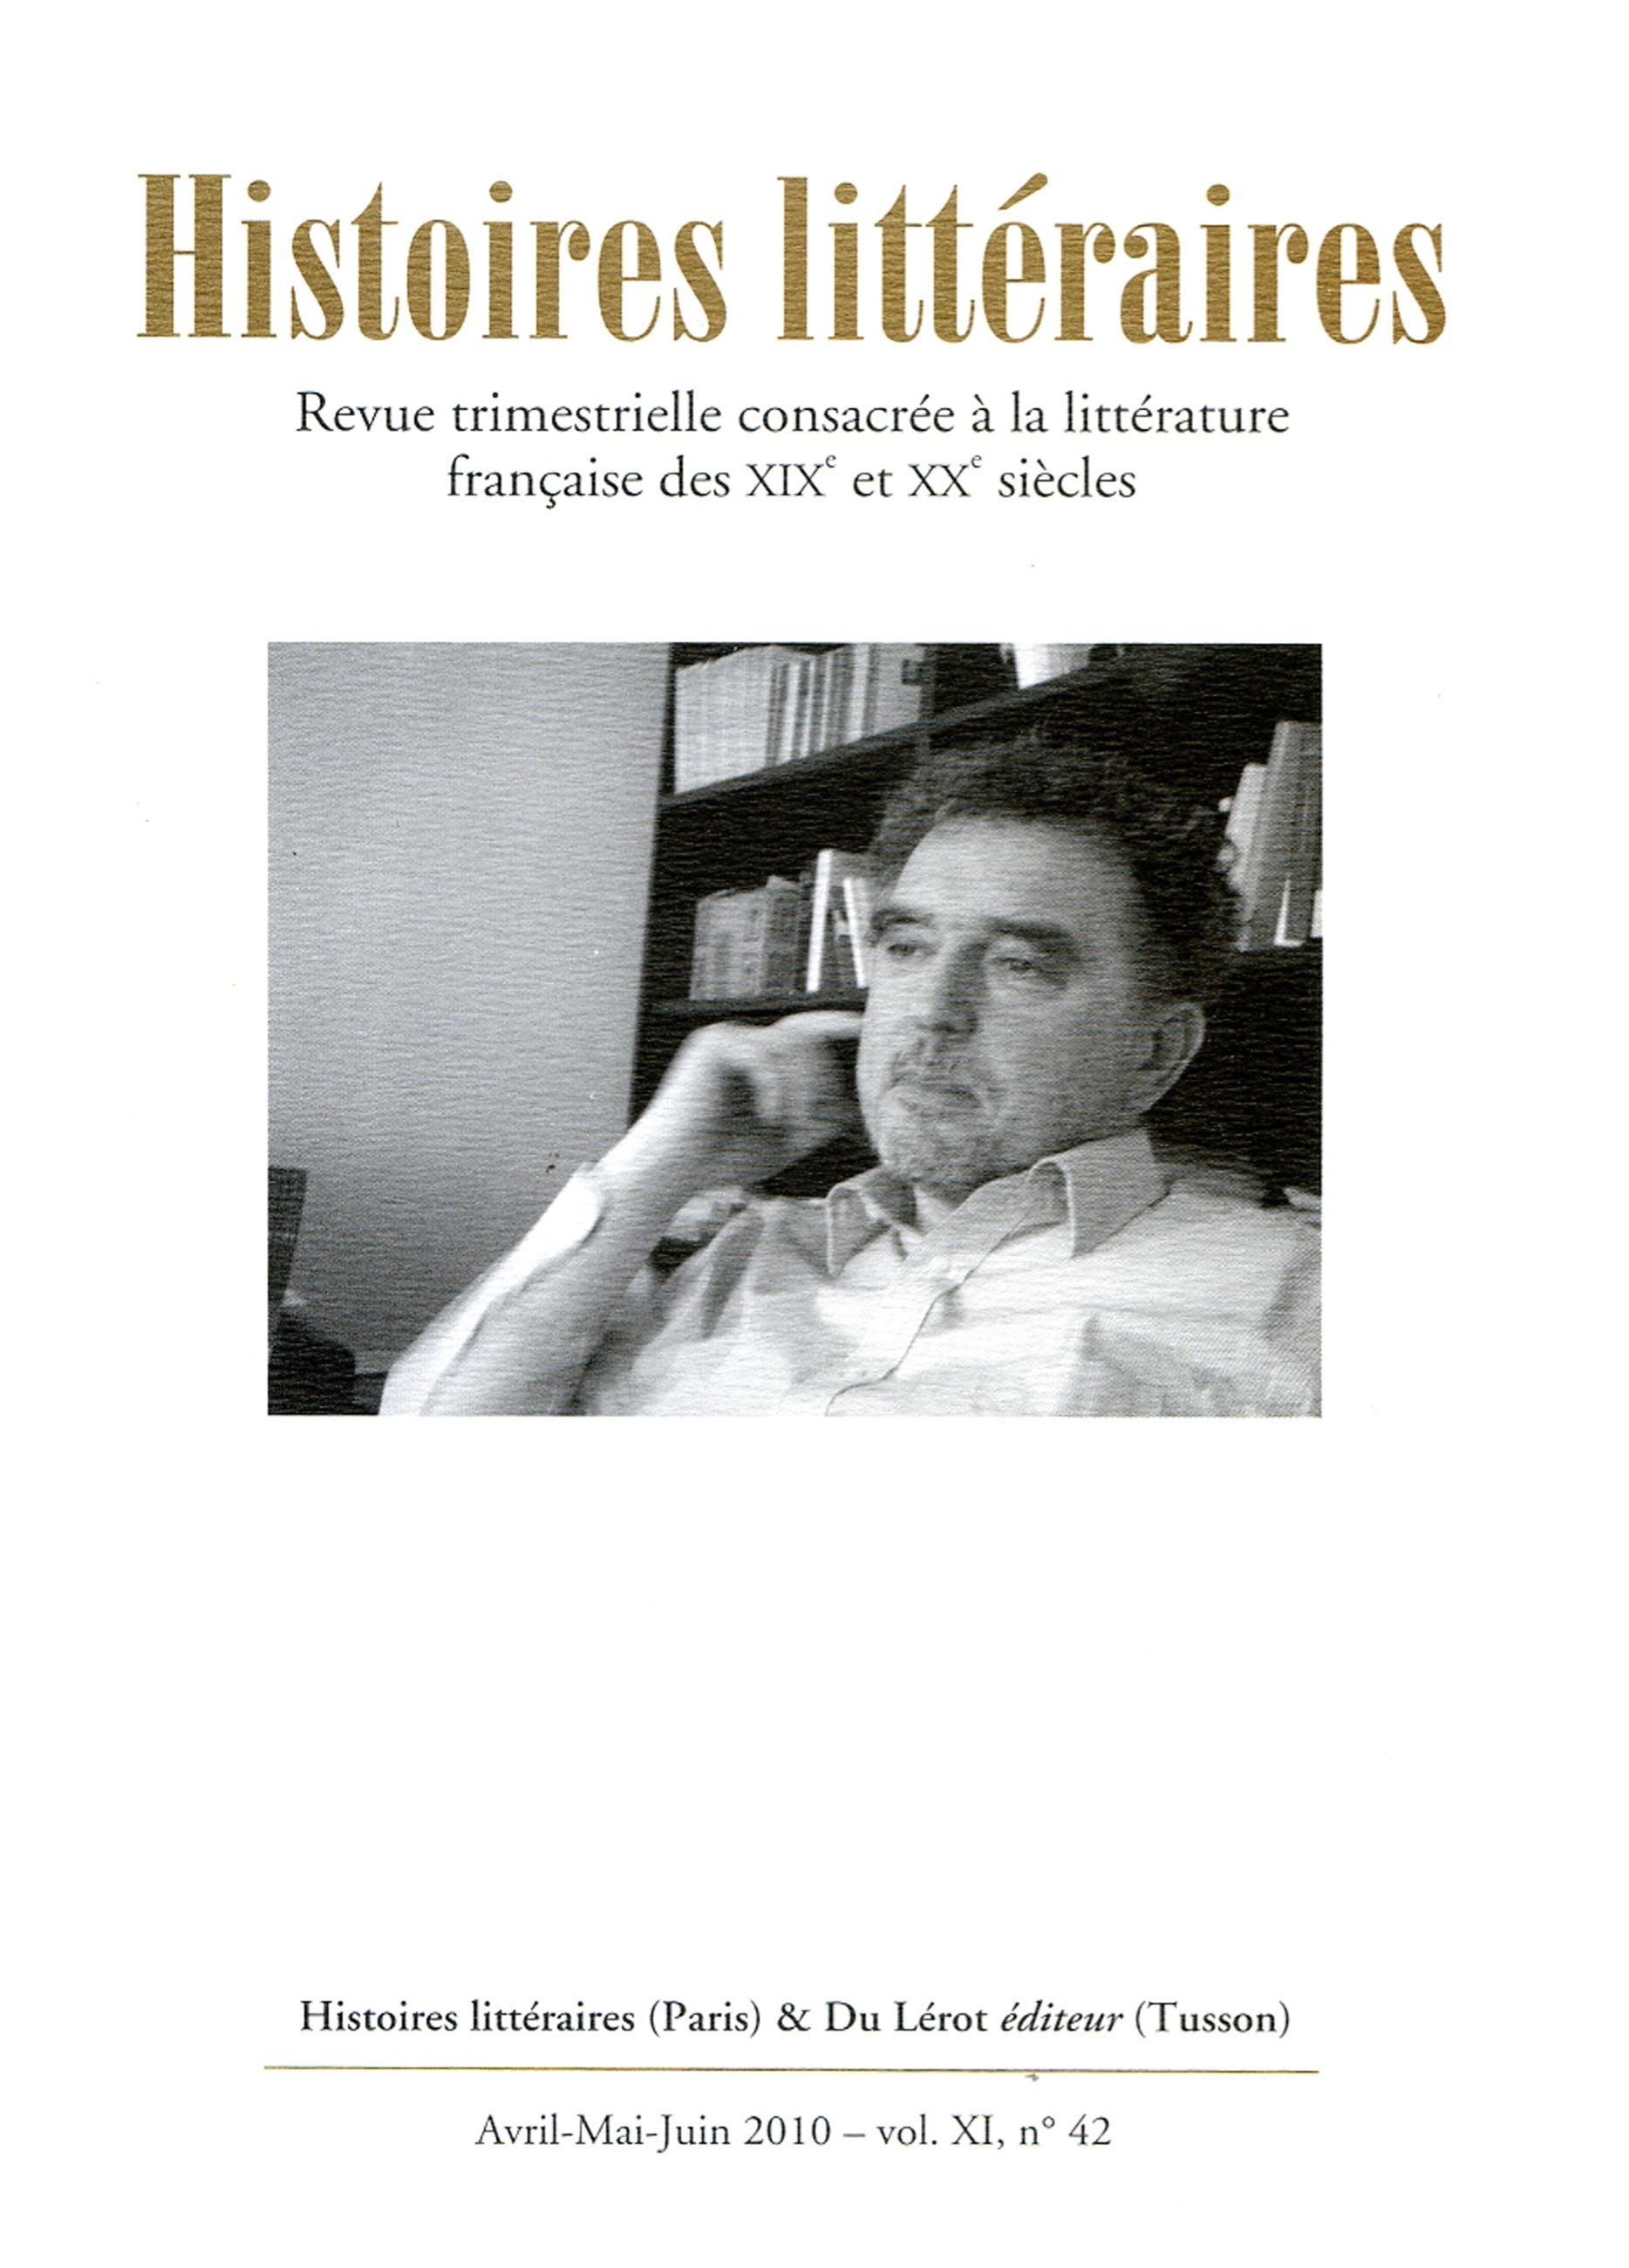 Couverture d'Histoires littéraires n°42